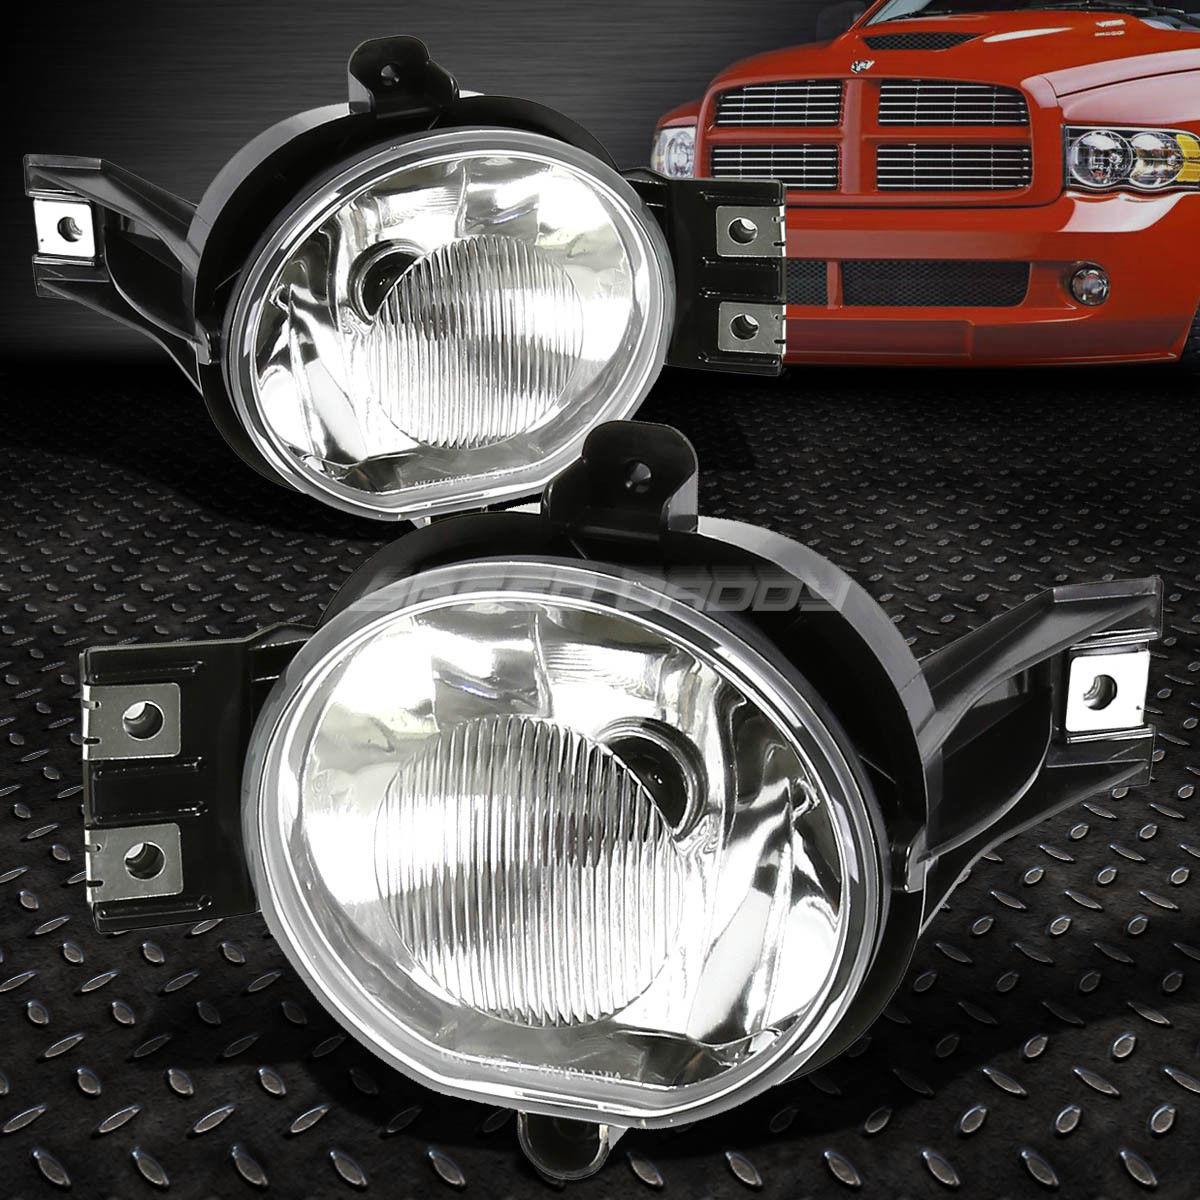 フォグライト FOR 02-09 DODGE RAM/DURANGO CHROME CLEAR LENS OE BUMPER DRIVING FOG LIGHTS LAMPS 02-09ダッジRAM /デュランゴクロームクリアレンズOEバッファードライビングフォグライトランプ